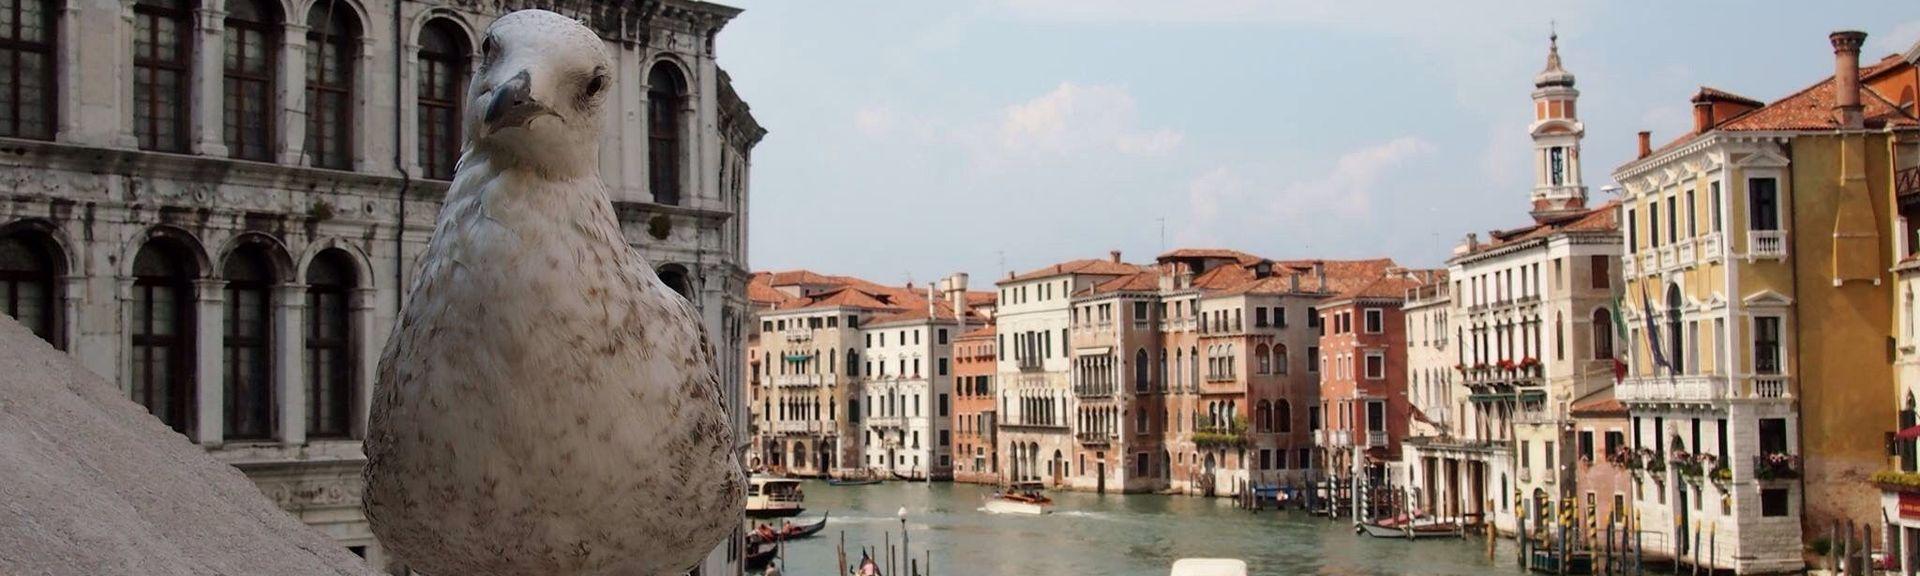 San Polo, Venecia, Véneto, Italia